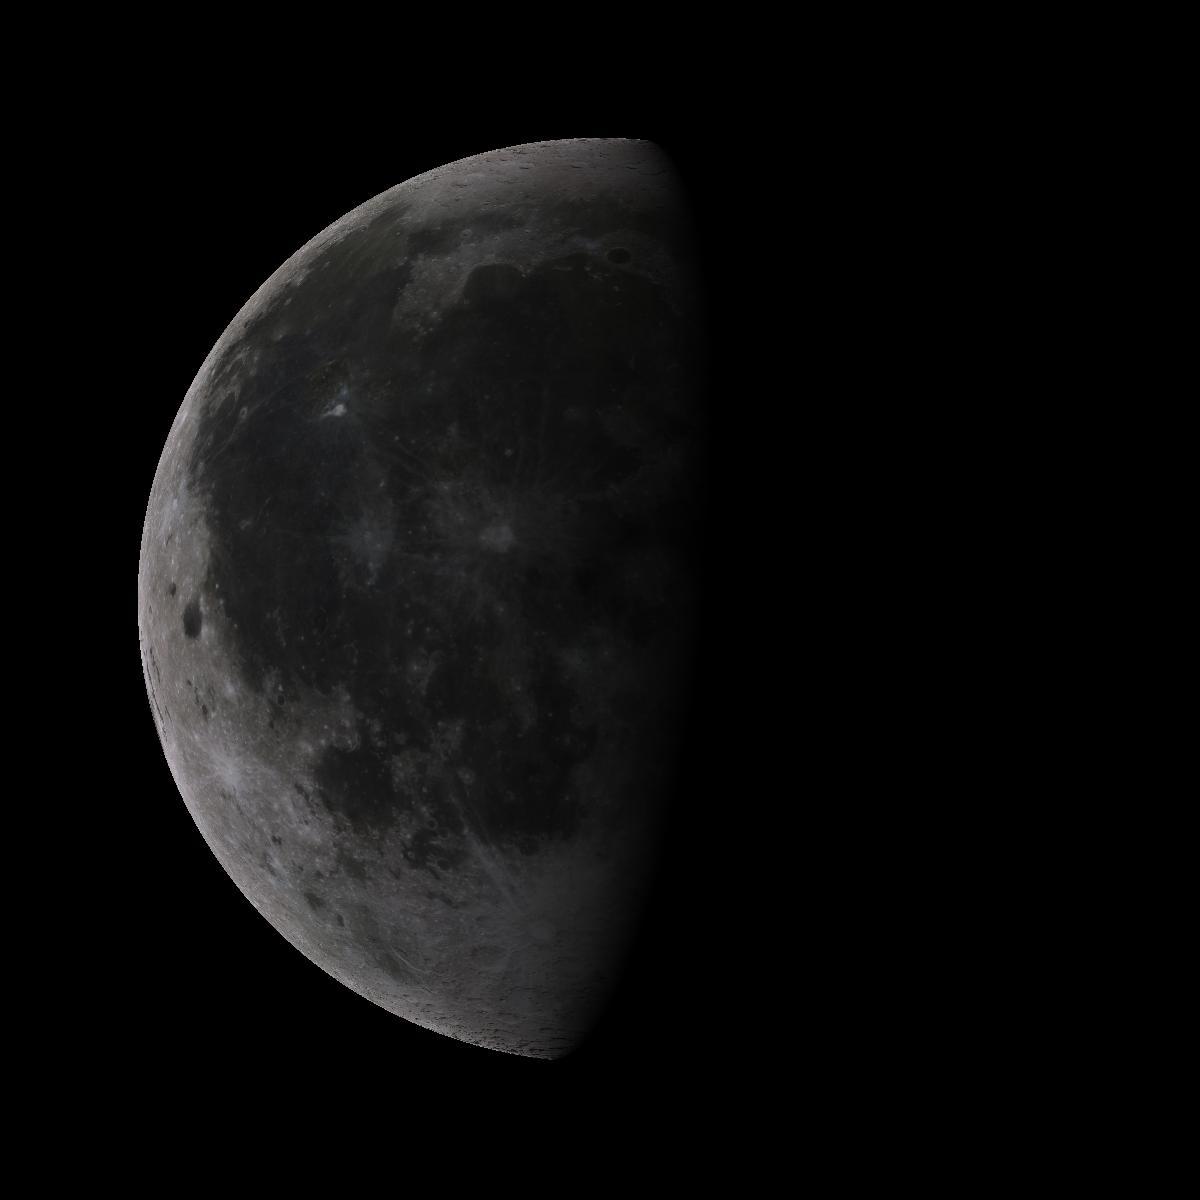 Lune du 21 septembre 2019